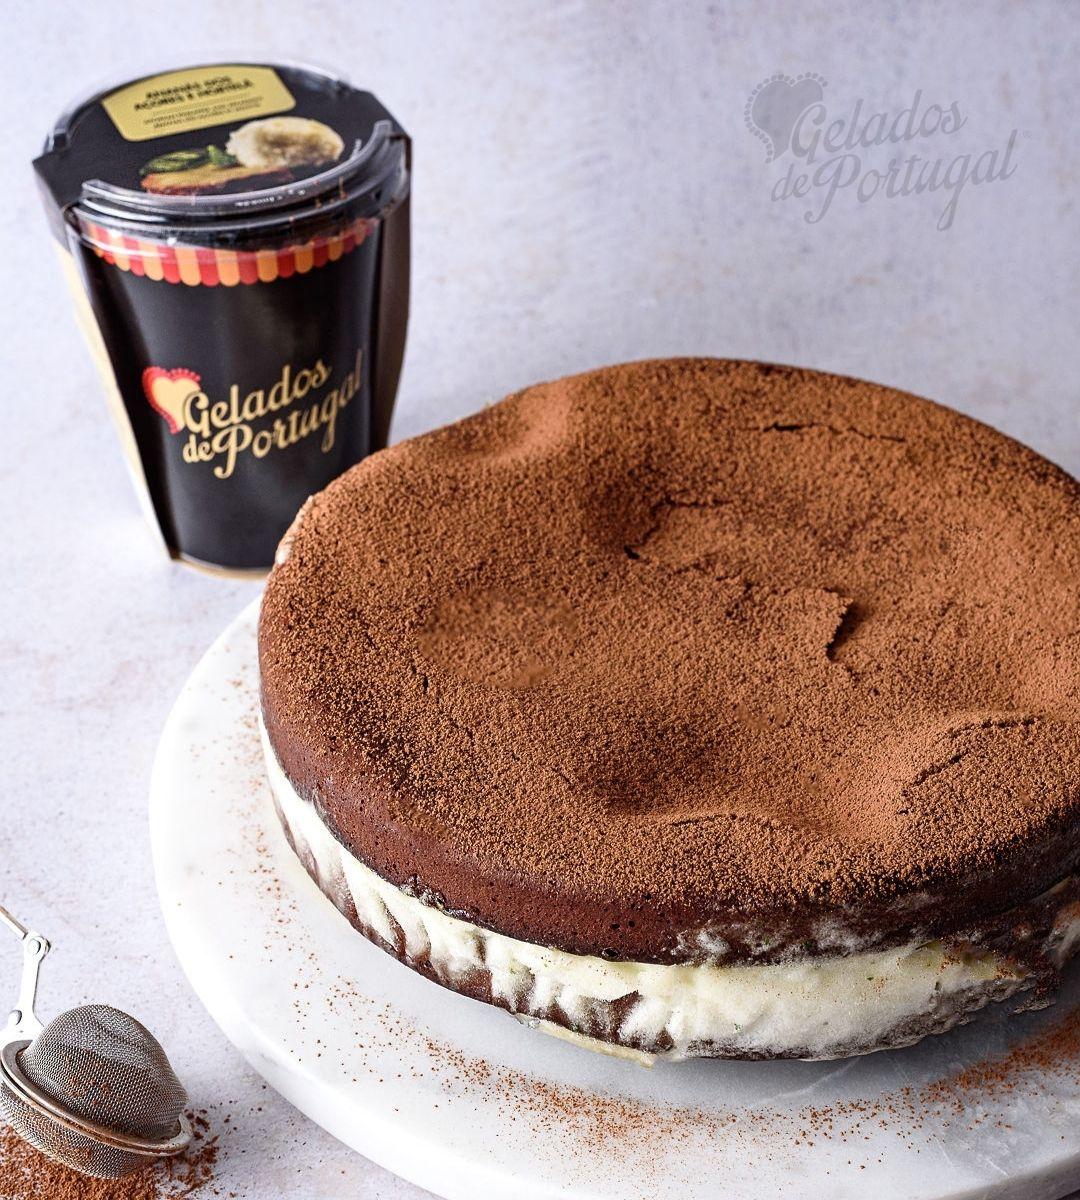 Brownie com Recheio de Sorvete de Ananás dos Açores com Hortelã